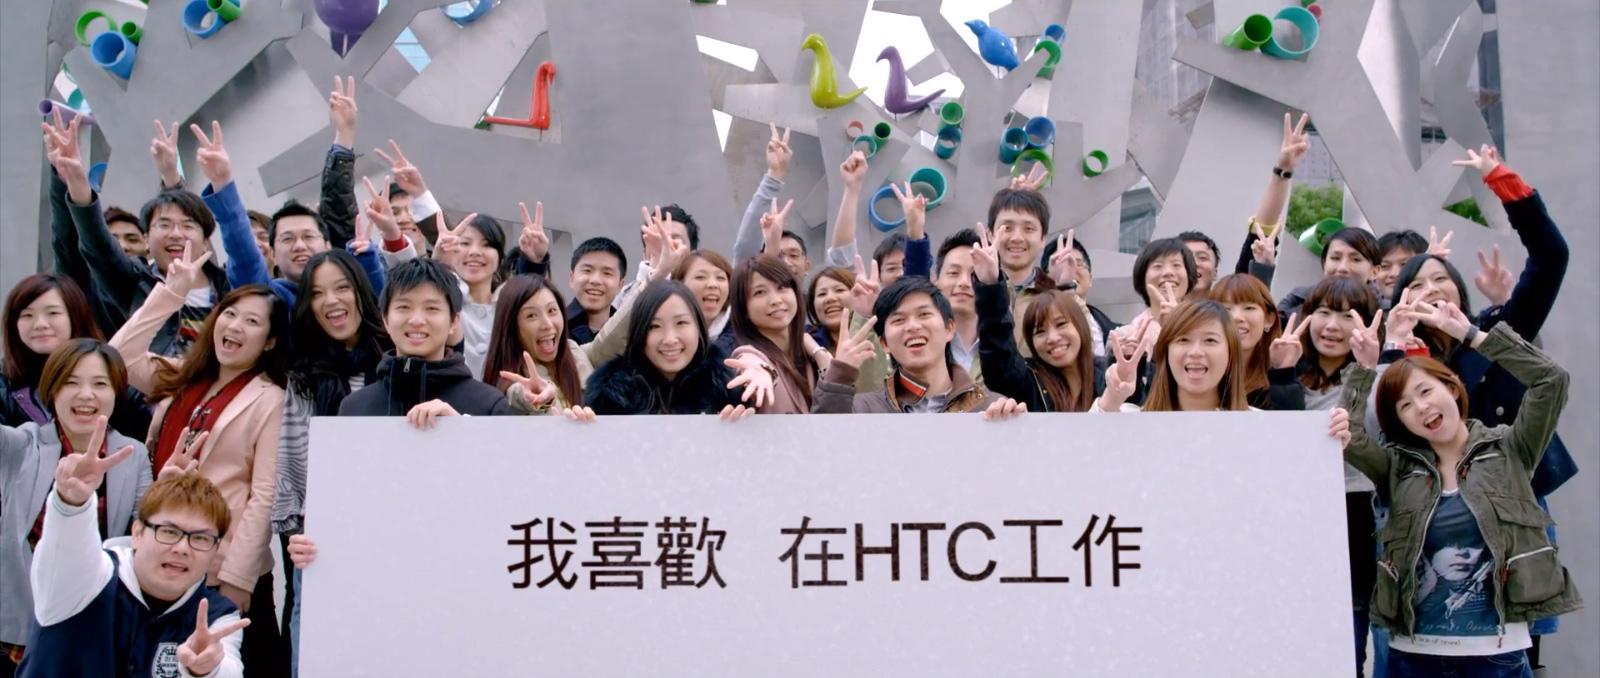 Neujahrsgrüße: HTC will 2013 wieder an die Spitze